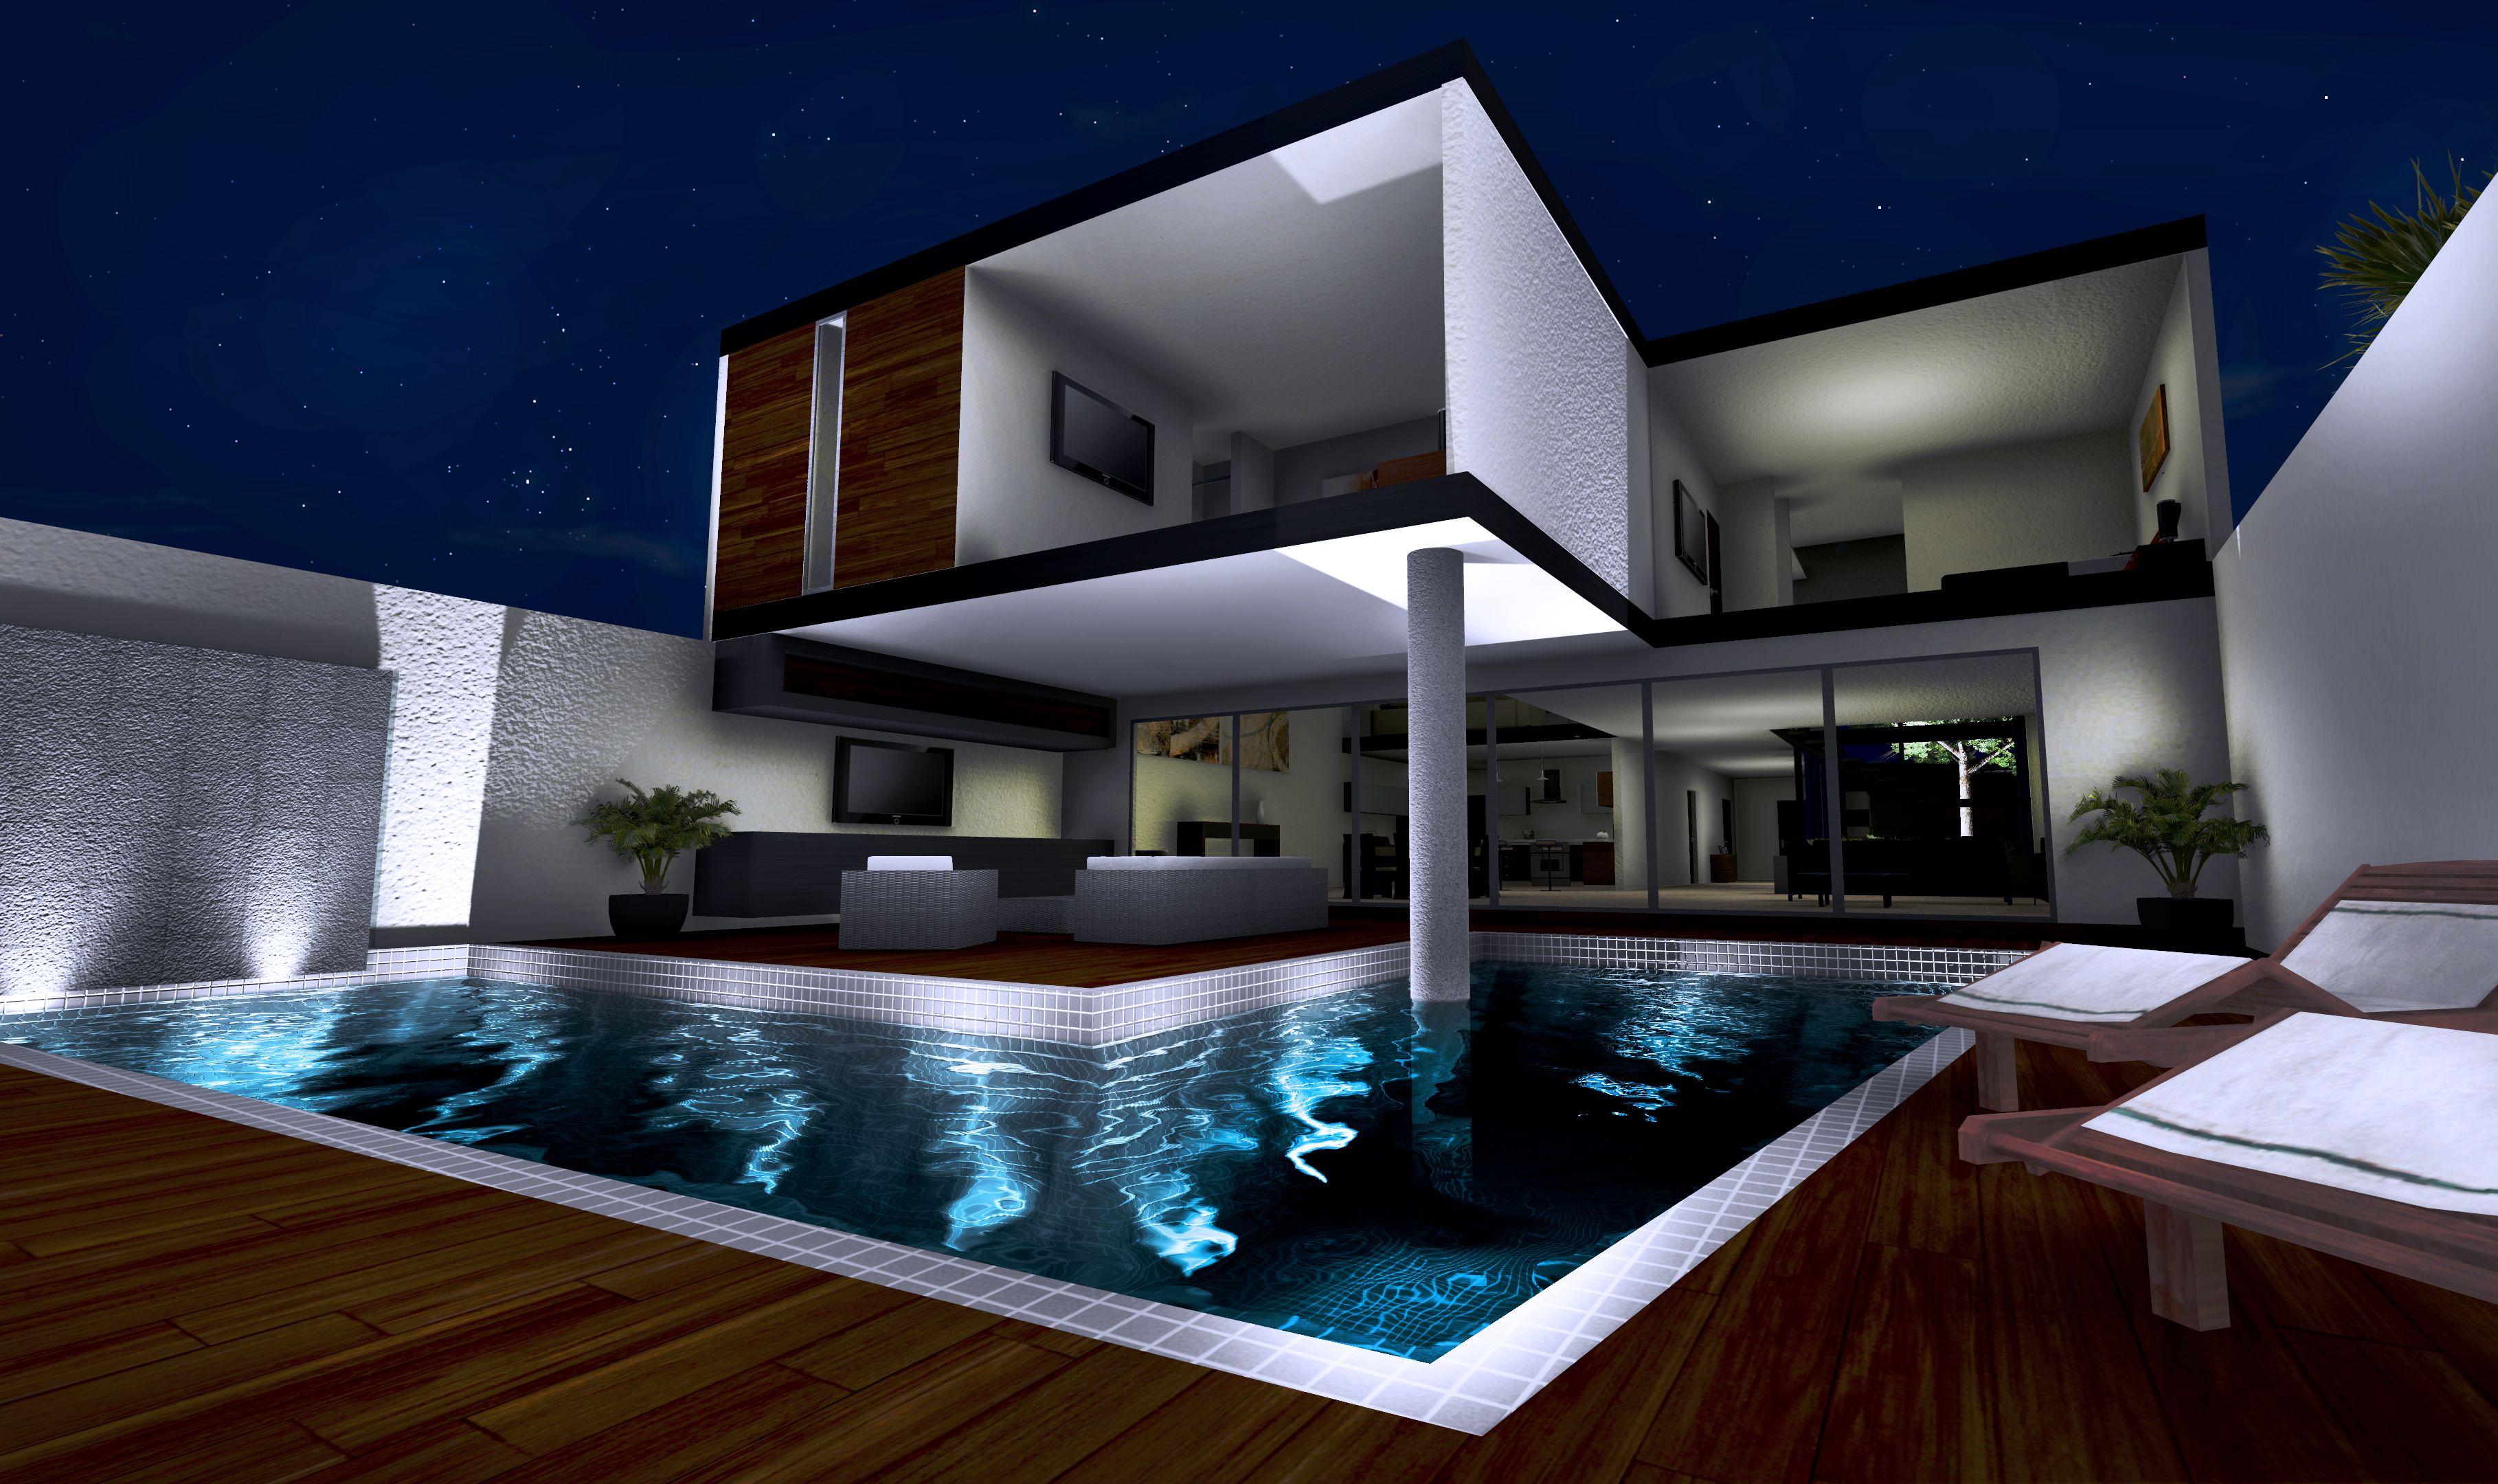 casa 4rc - diseÑo: agora arquitectos @agoraarq programa